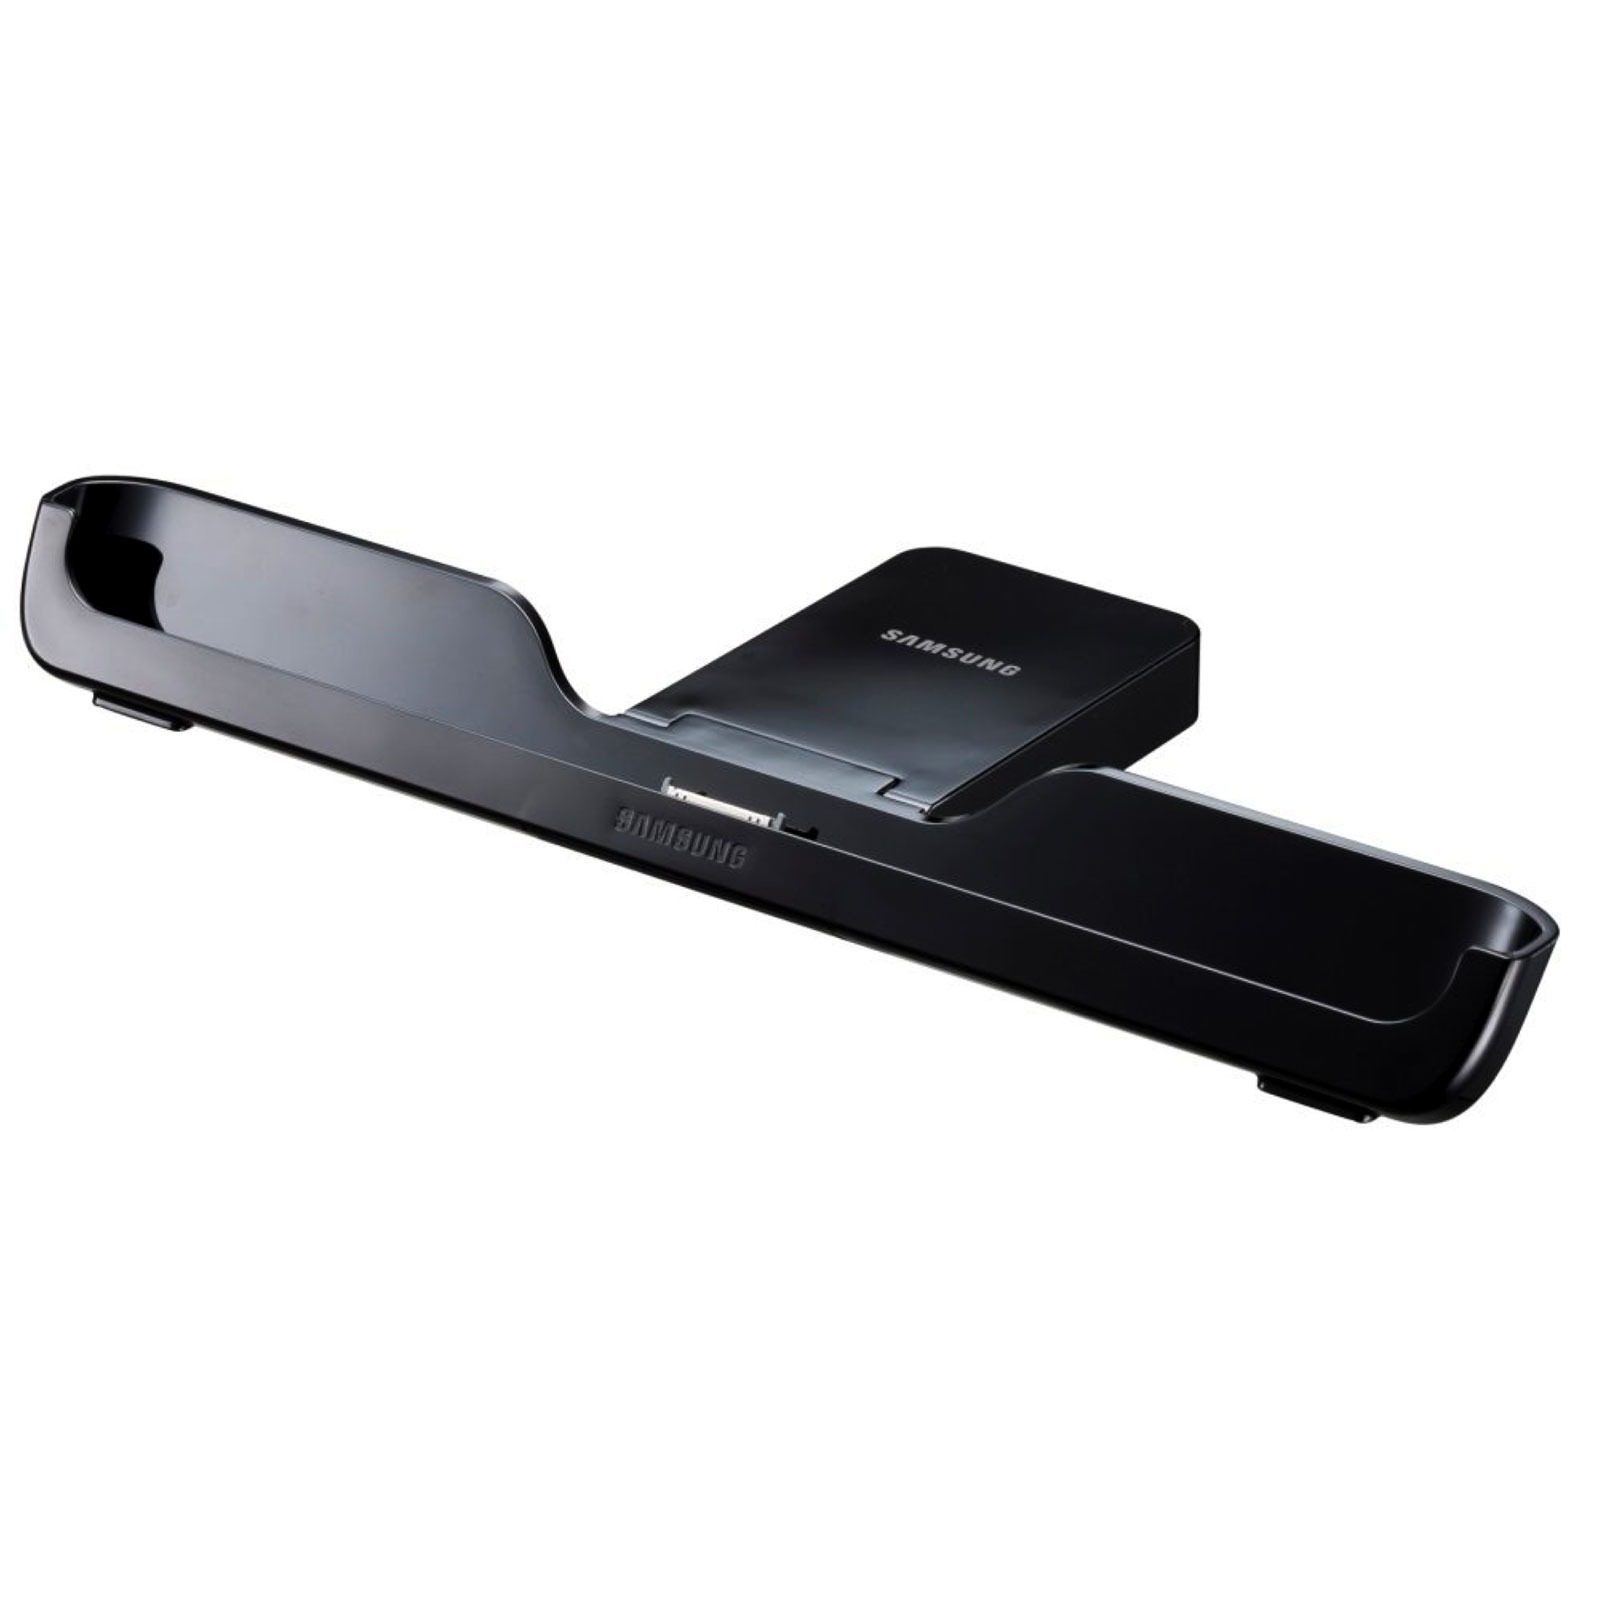 """Accessoires Tablette Samsung EDD-D1C9BEGSTD Station d'accueil avec sortie audio-vidéo pour Galaxy Tab 8.9"""""""